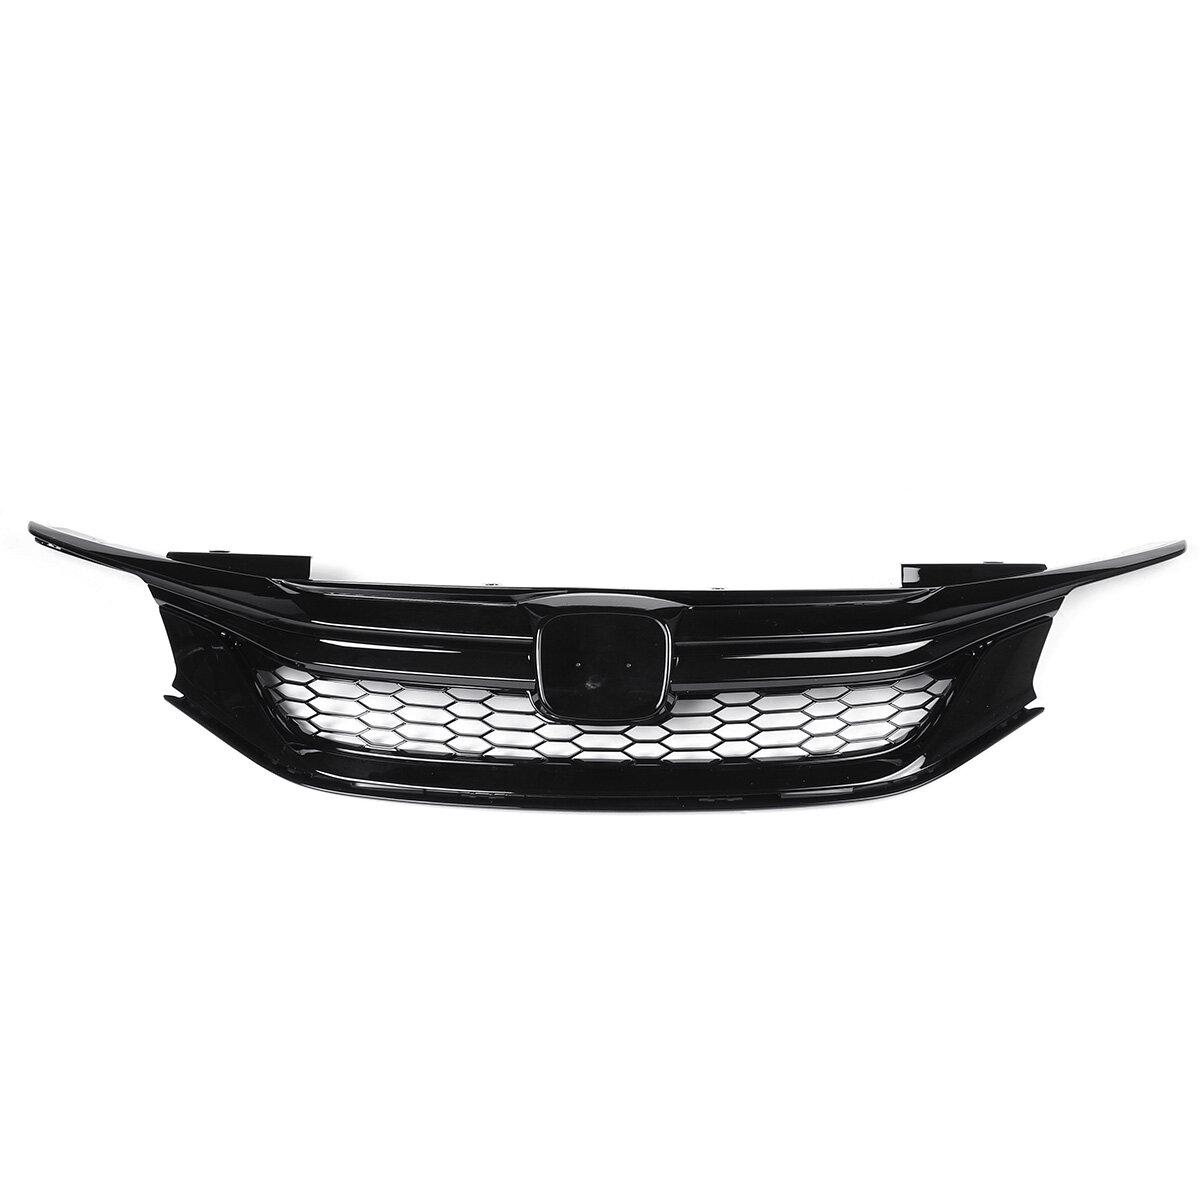 Sport Style Front Coche Rejilla parachoques delantero para 16-17 9th Gen HD Accord Sedan Glossy Black JDM